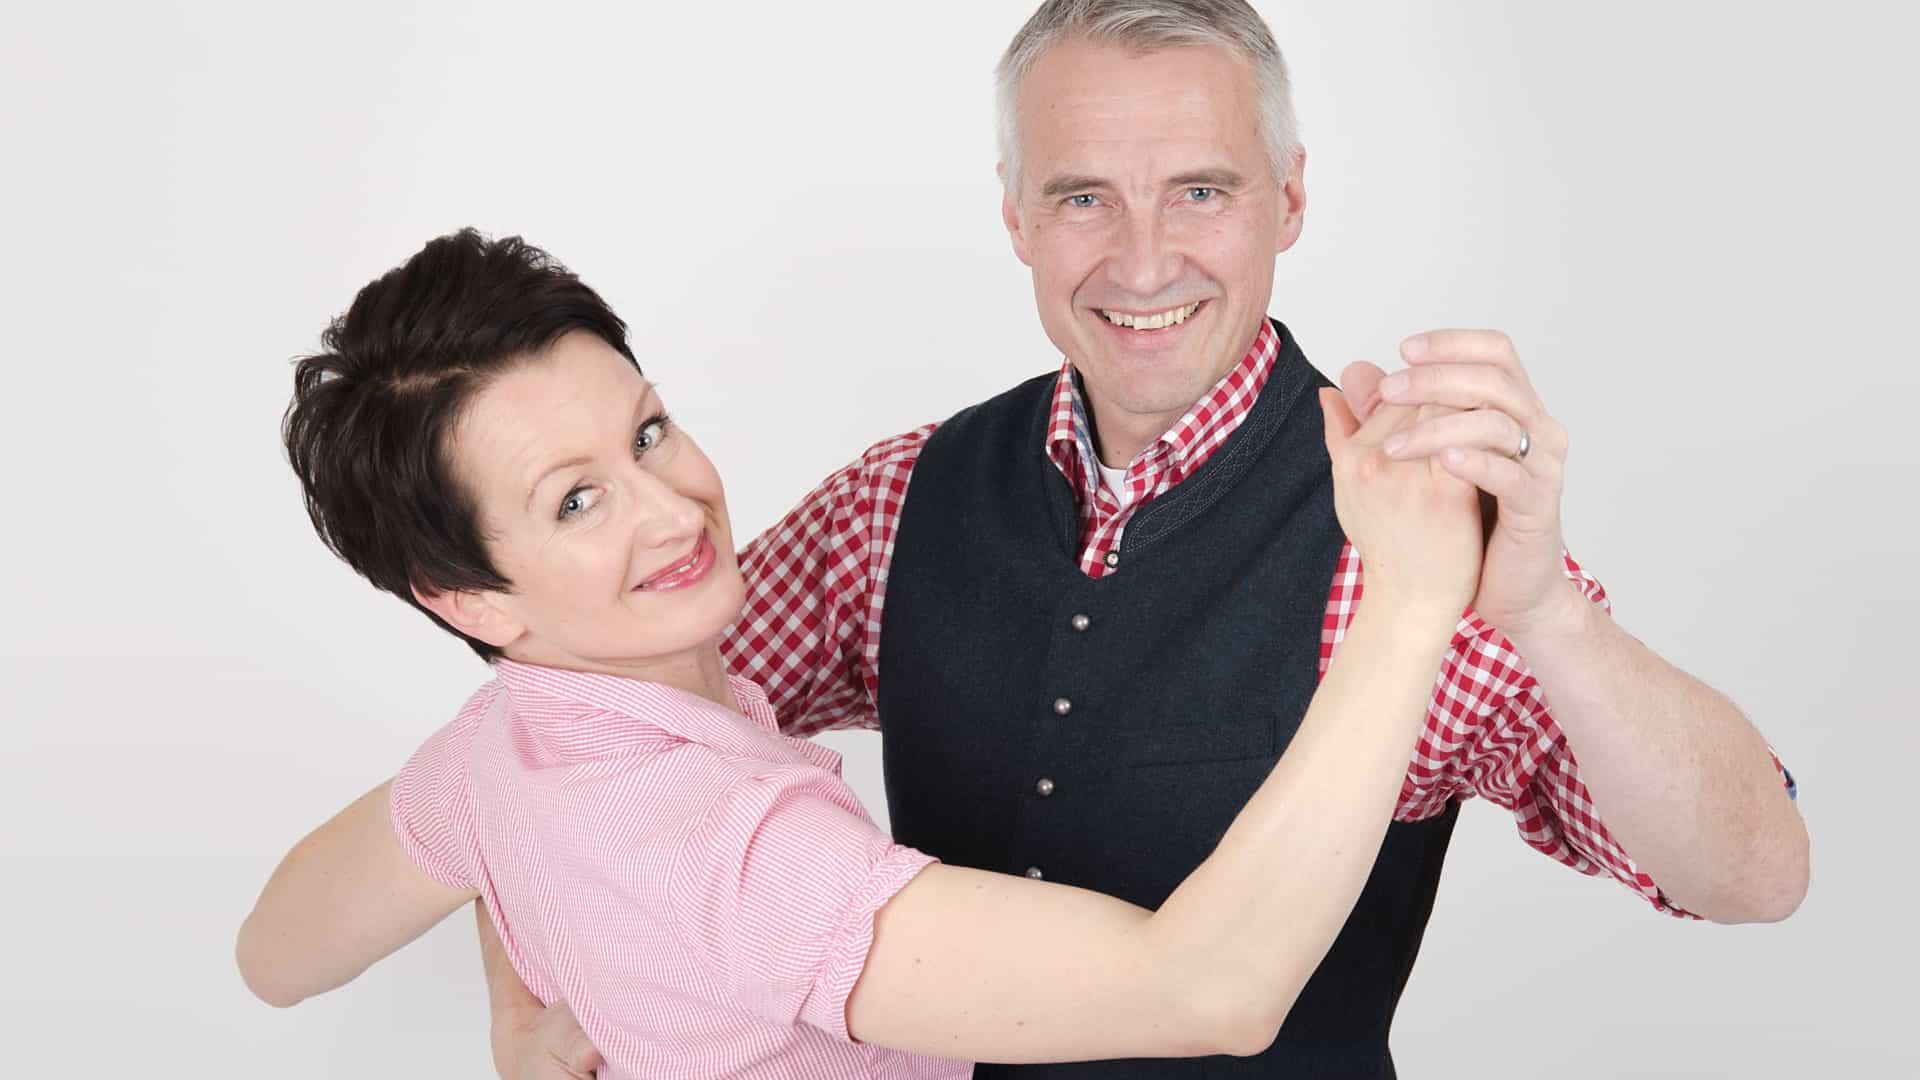 vammaiset dating net hyvä henkilökohtainen dating mainoksia esimerkkejä